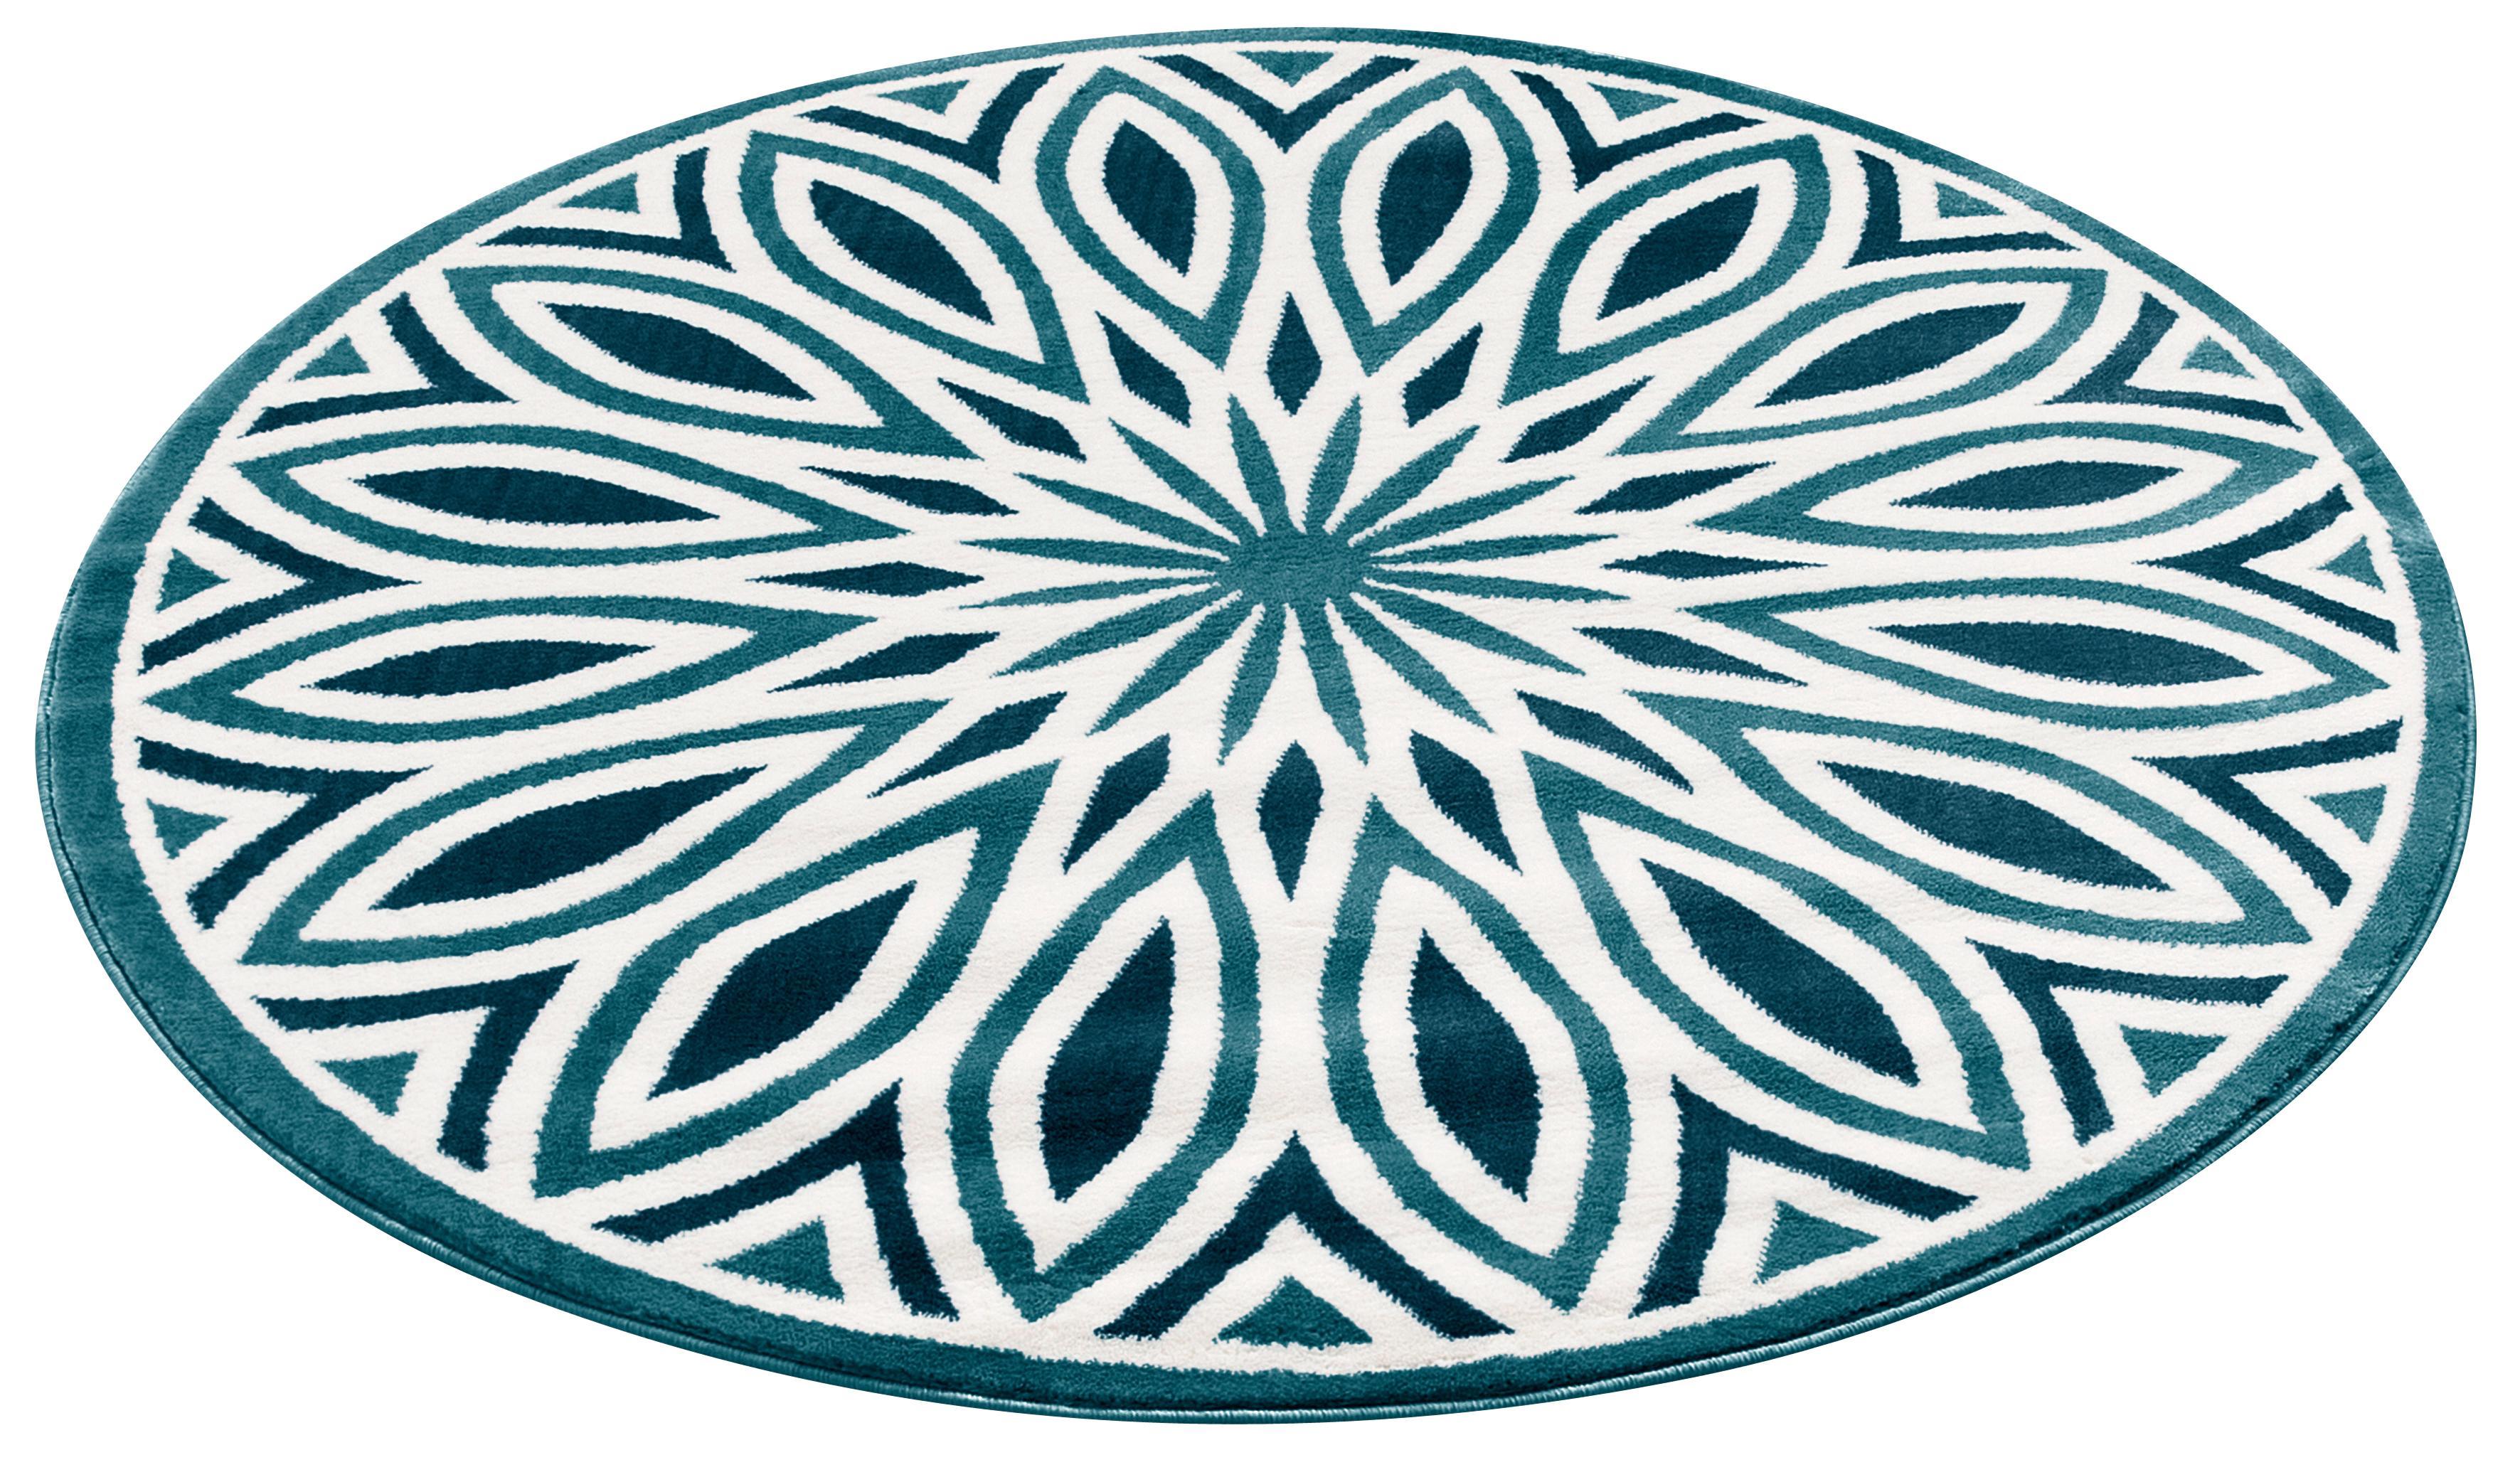 Teppich Ronja my home rund Höhe 11 mm maschinell gewebt | Heimtextilien > Teppiche > Sonstige-Teppiche | Blau | My Home